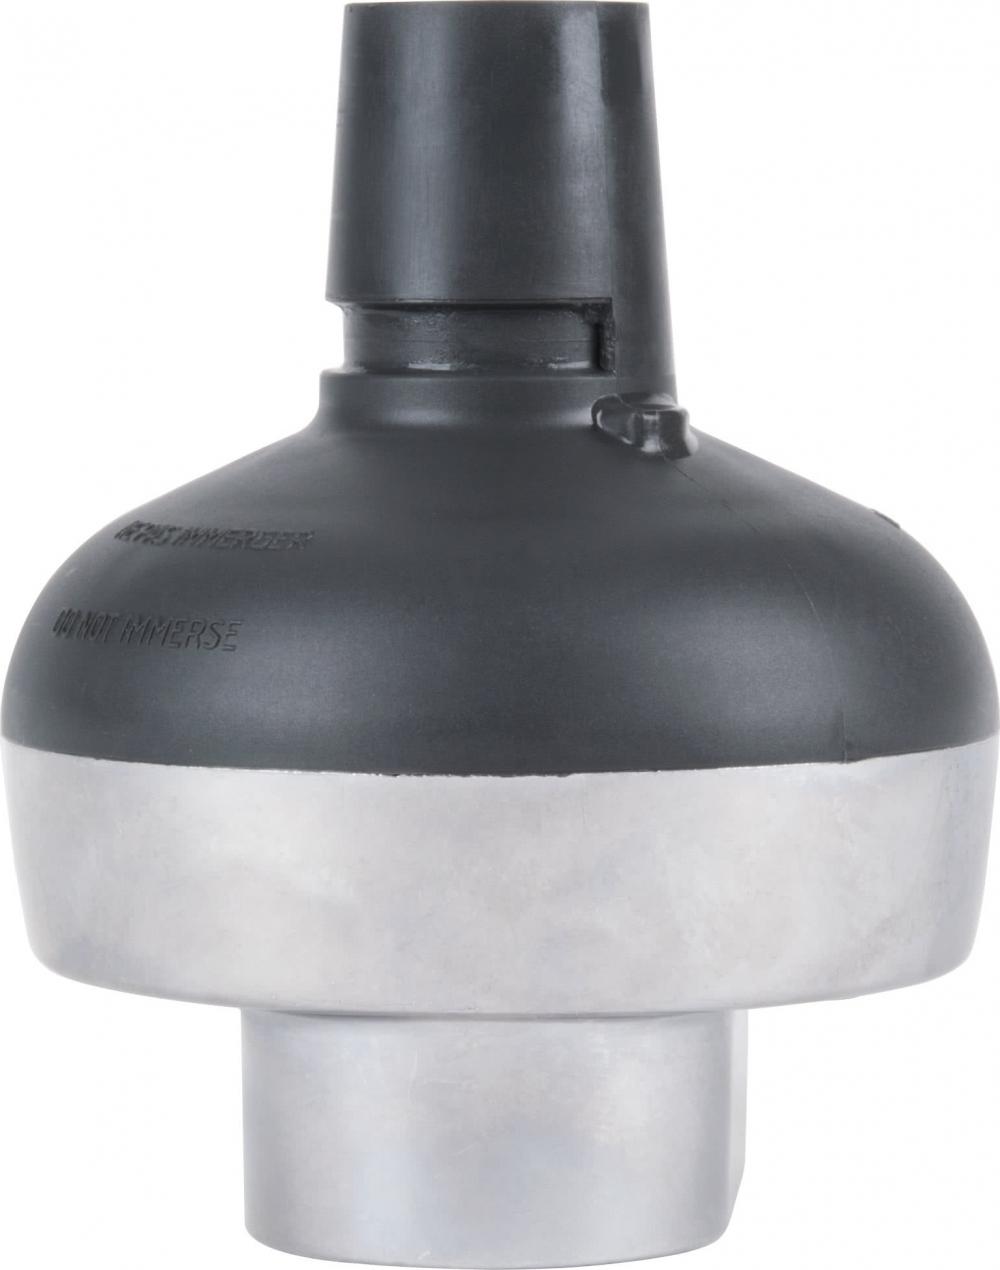 Редуктор для миксера Robot Coupe MP 450 Combi 103957/89650 - 2